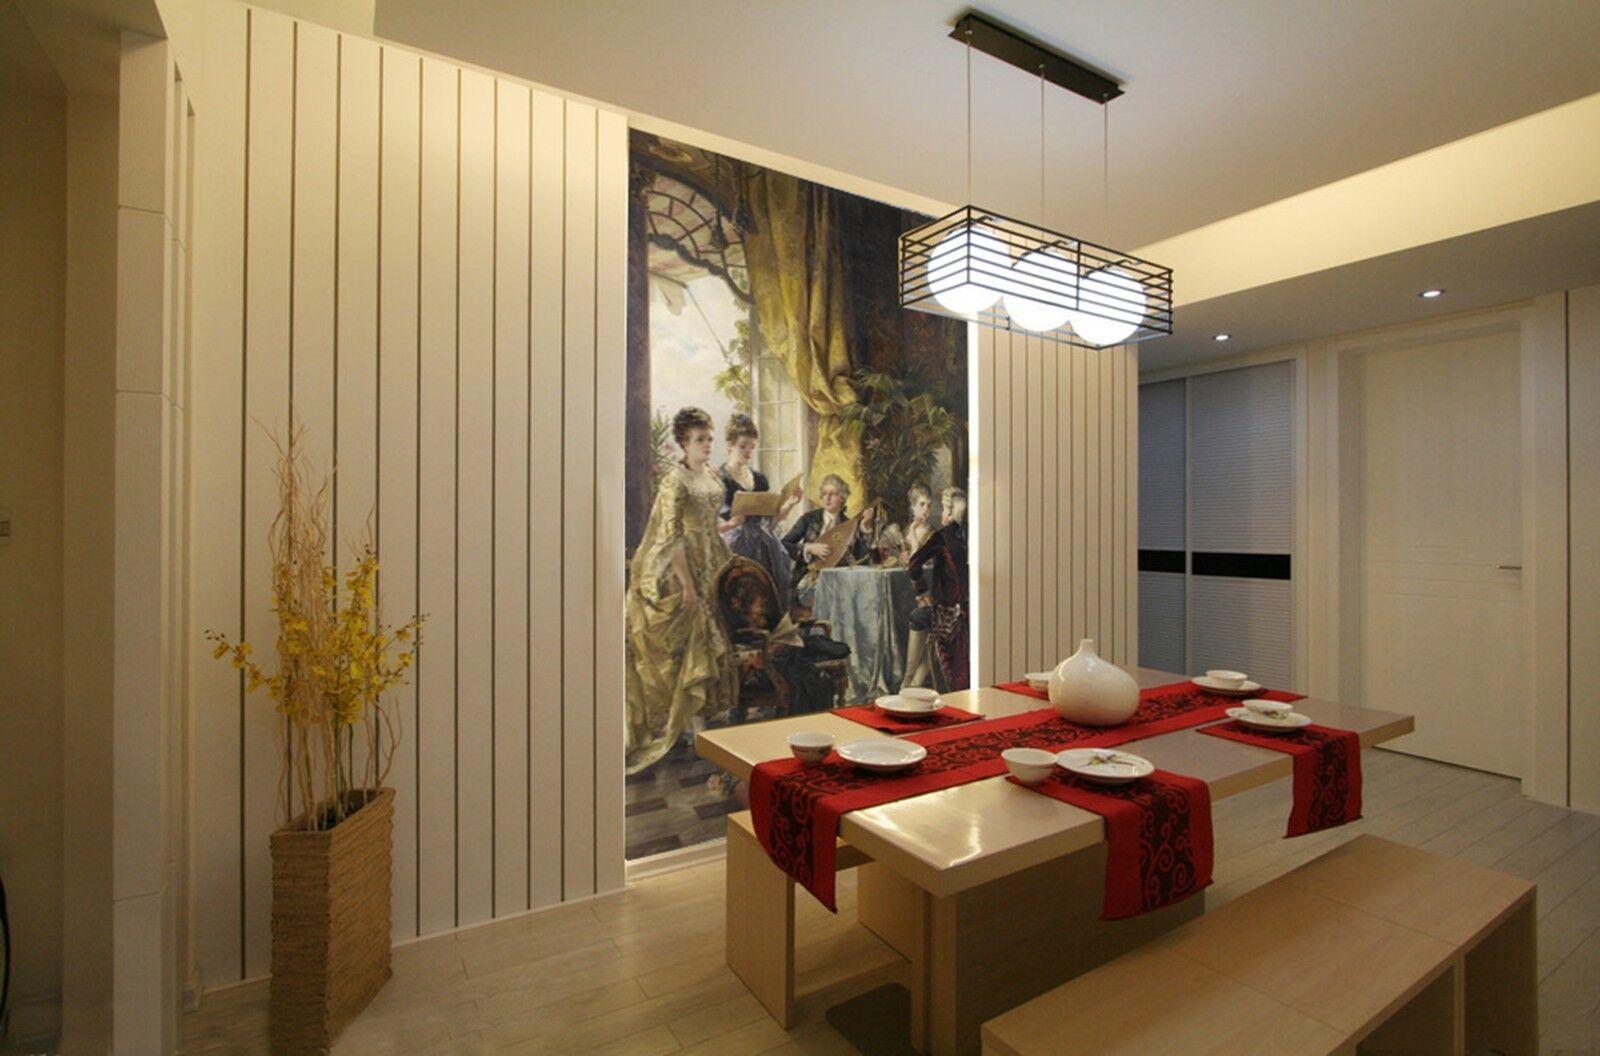 3D Europa Ölgemälde 7988 Tapete Wandgemälde Tapete Tapeten Bild Familie DE Lemon | Die erste Reihe von umfassenden Spezifikationen für Kunden  | Niedrige Kosten  | Der Schatz des Kindes, unser Glück